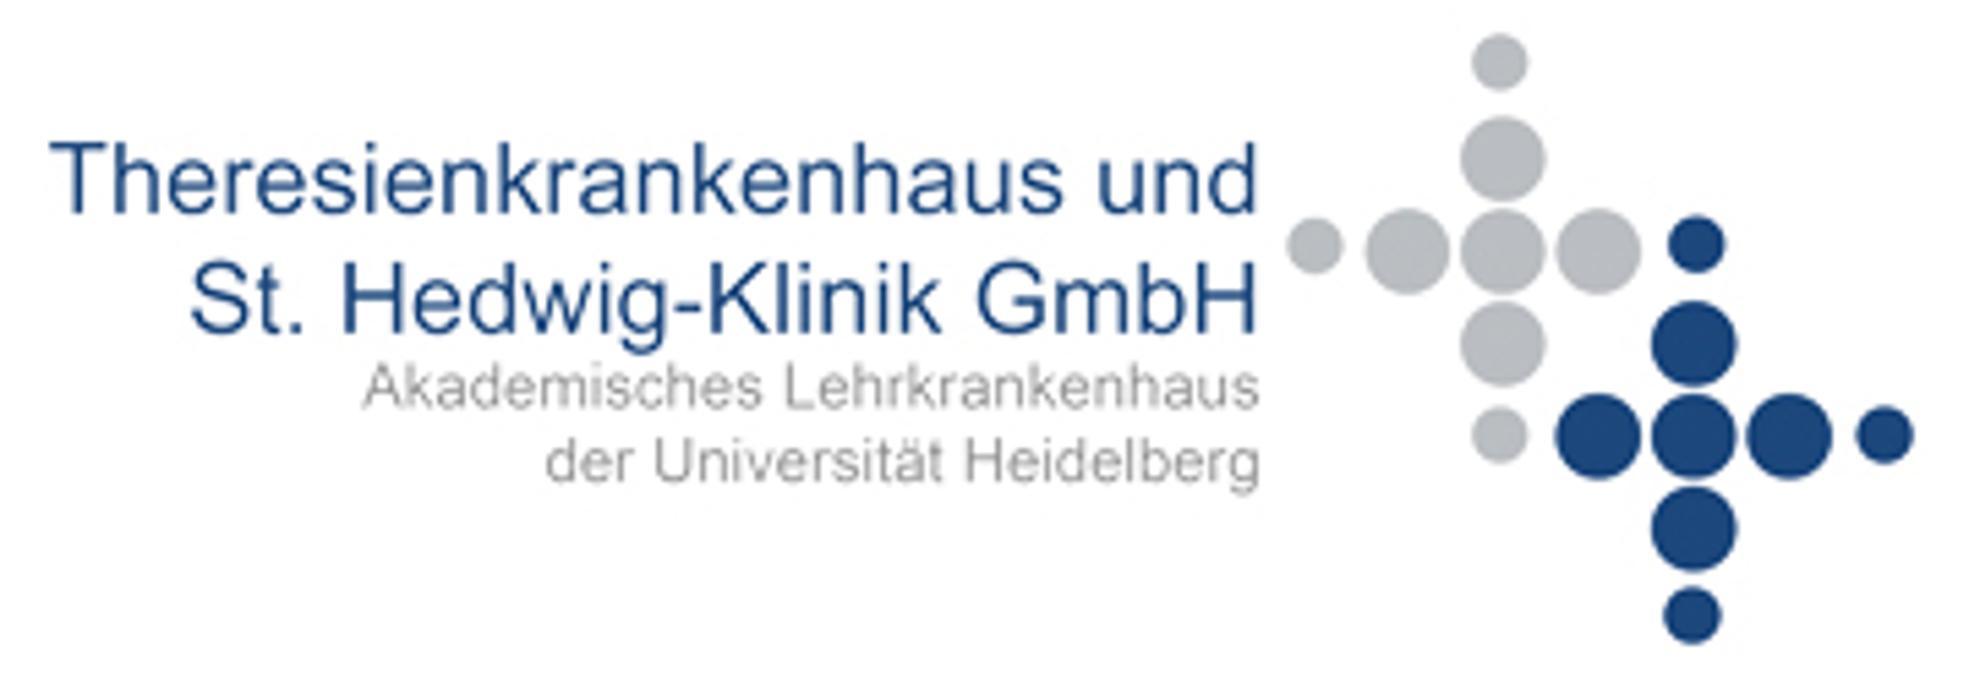 Logo von Theresienkrankenhaus und St. Hedwig Klinik GmbH